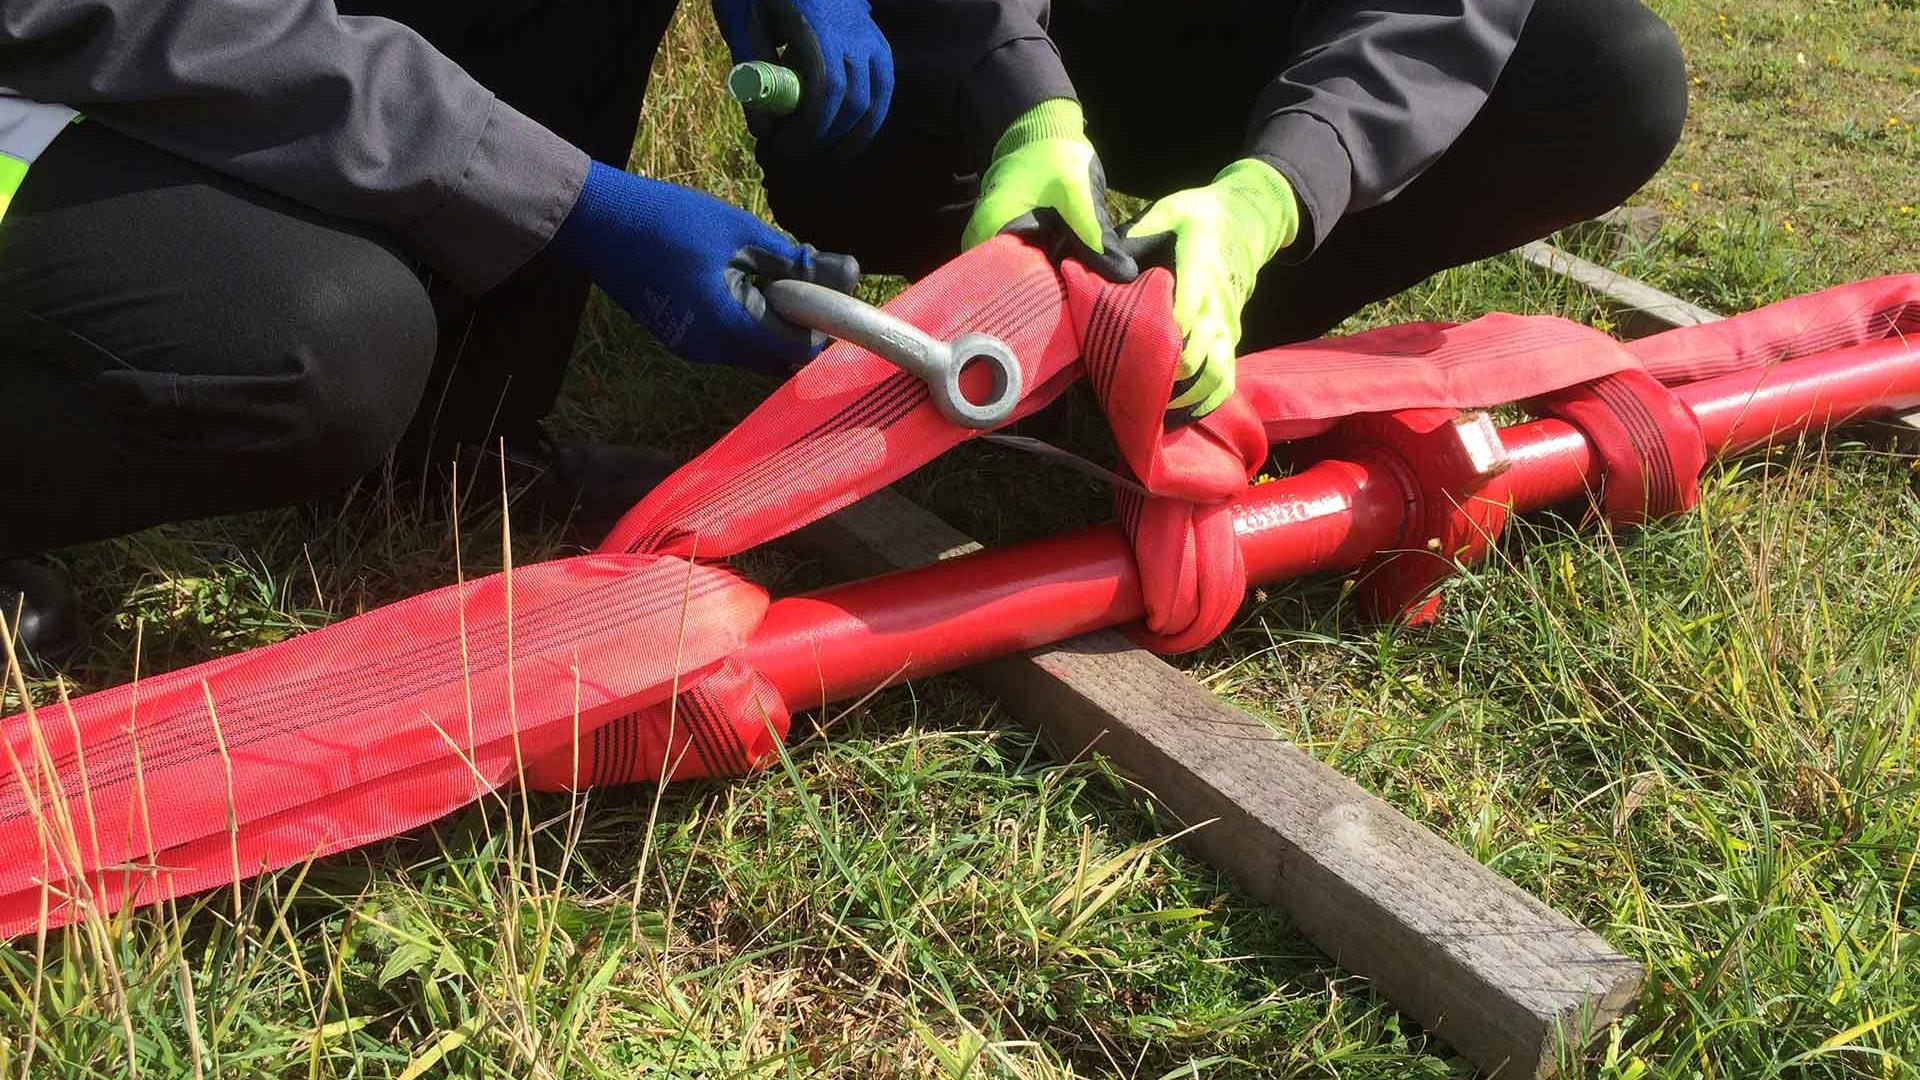 Anson Flowline Restraint in use in the field